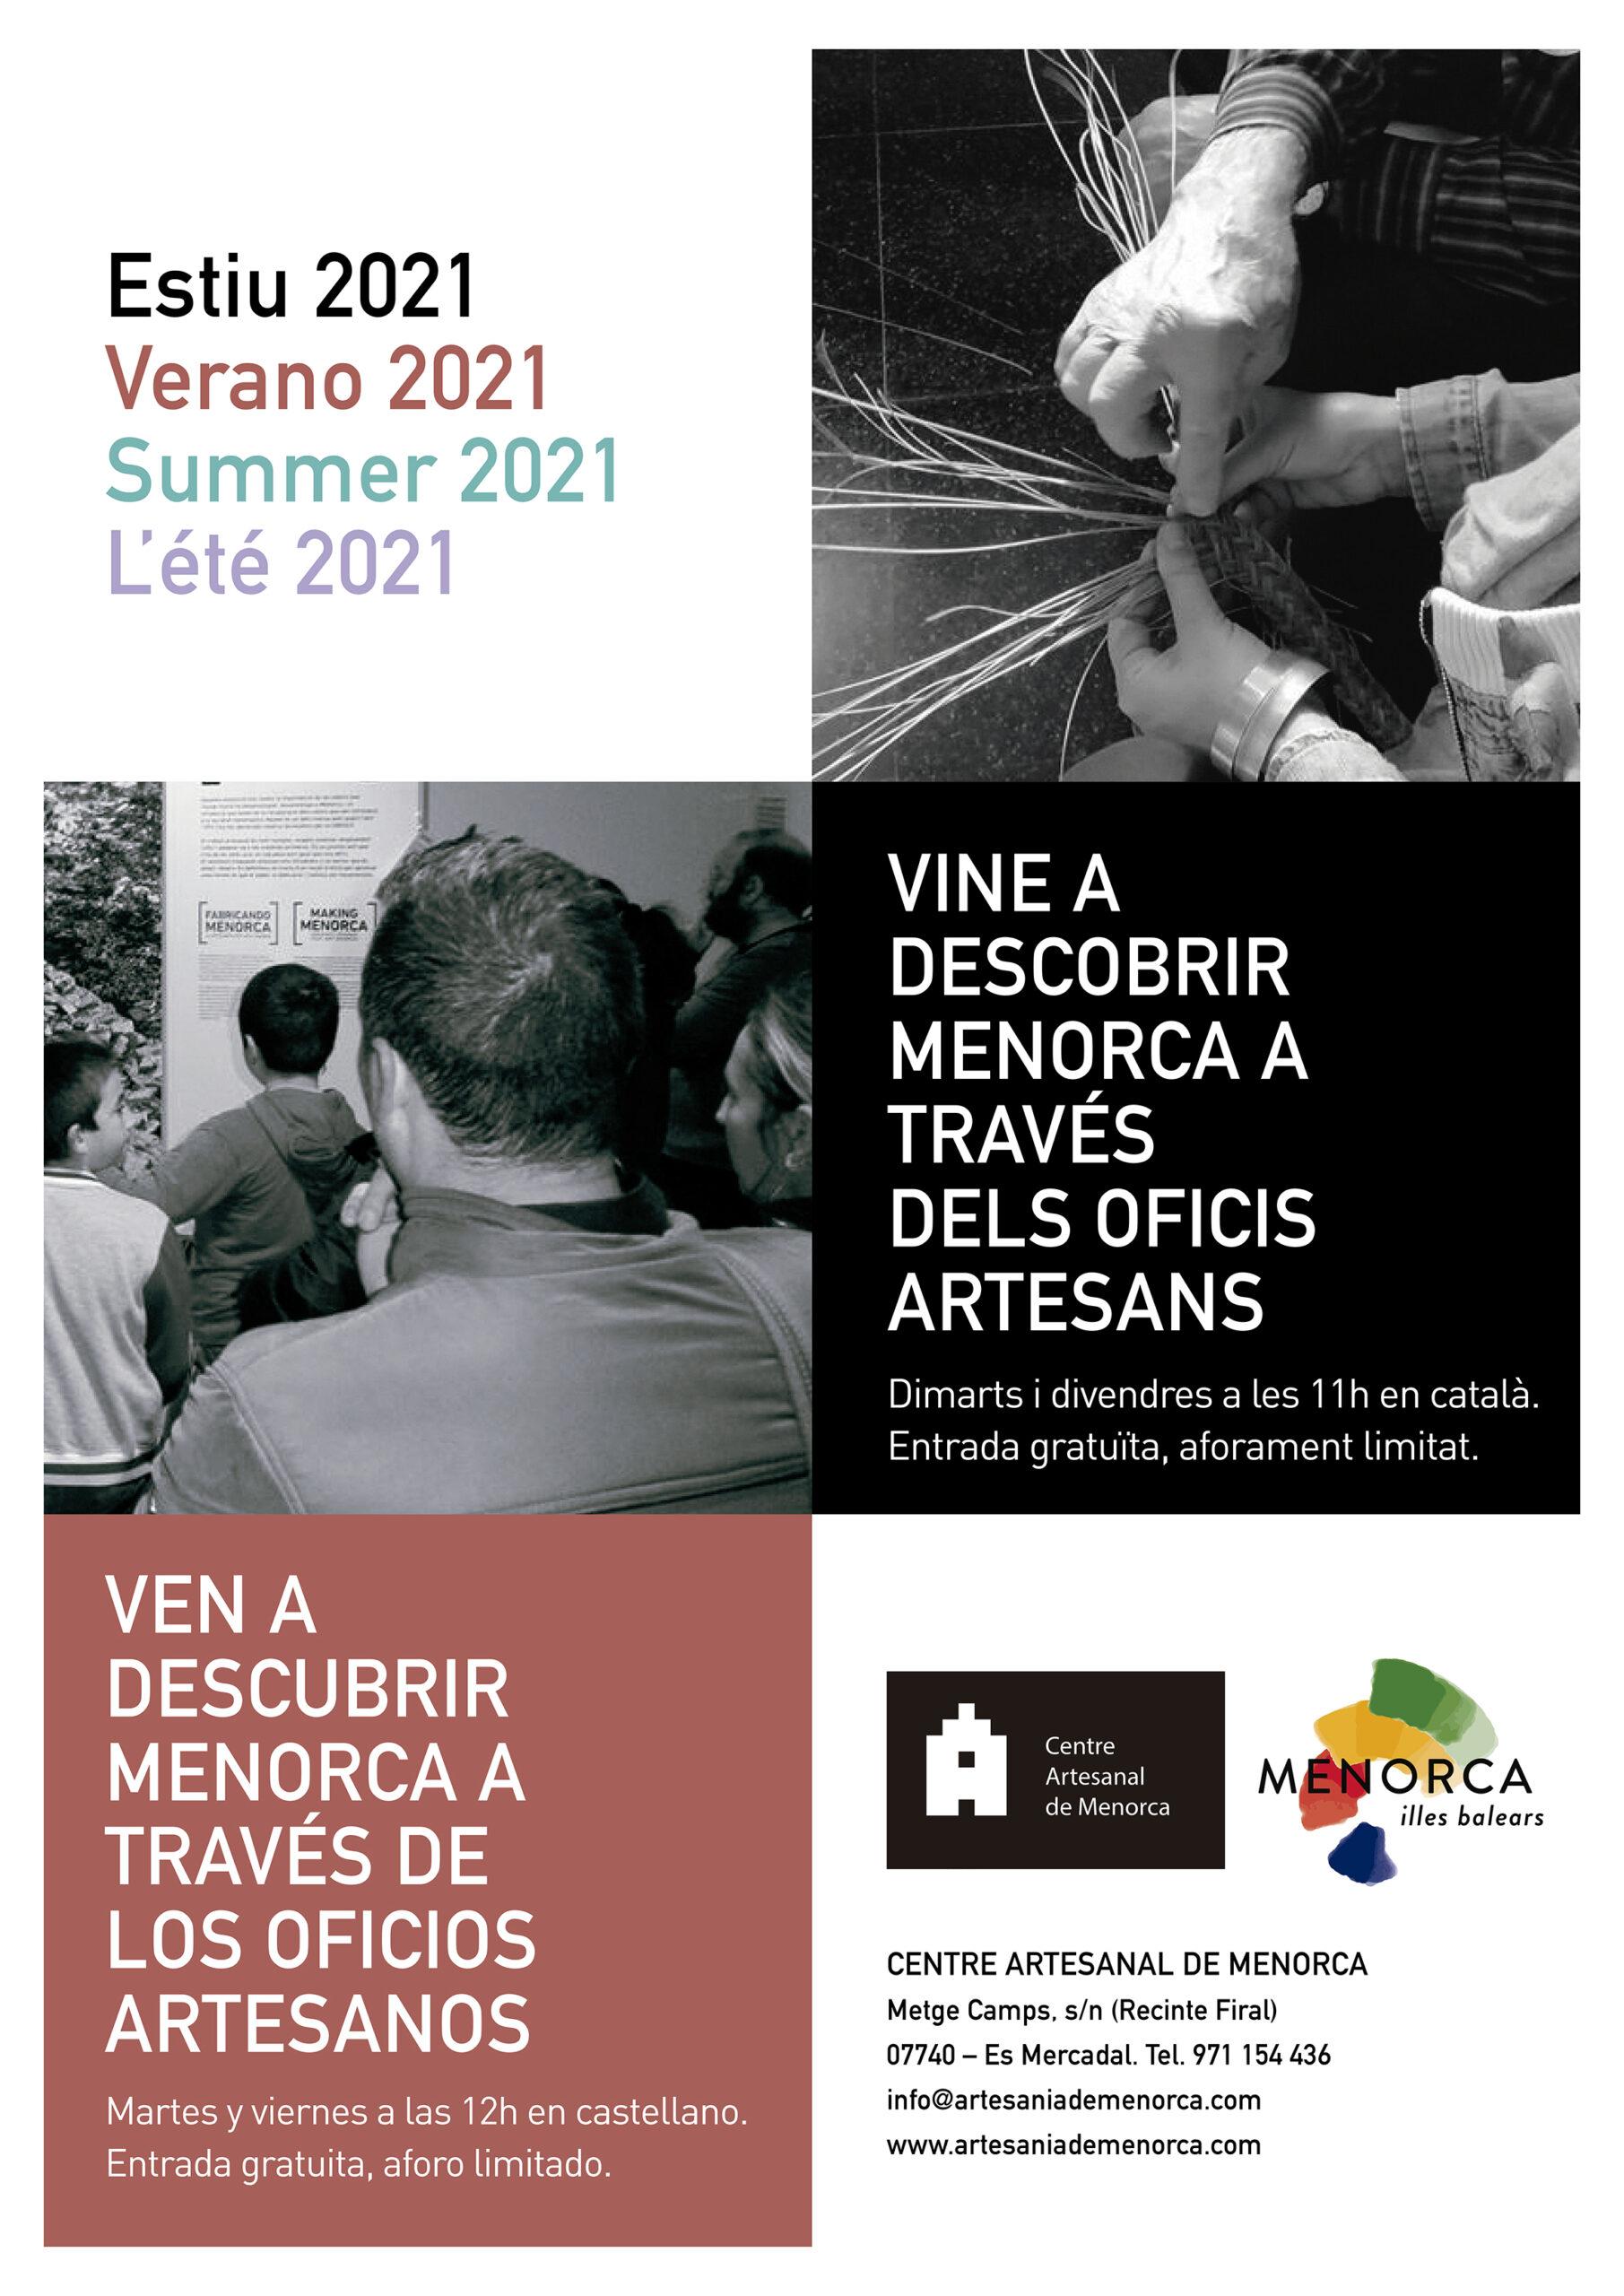 MENORCA A TRAVÉS DE SUS OFICIOS - CENTRE ARTESANAL DE MENORCA